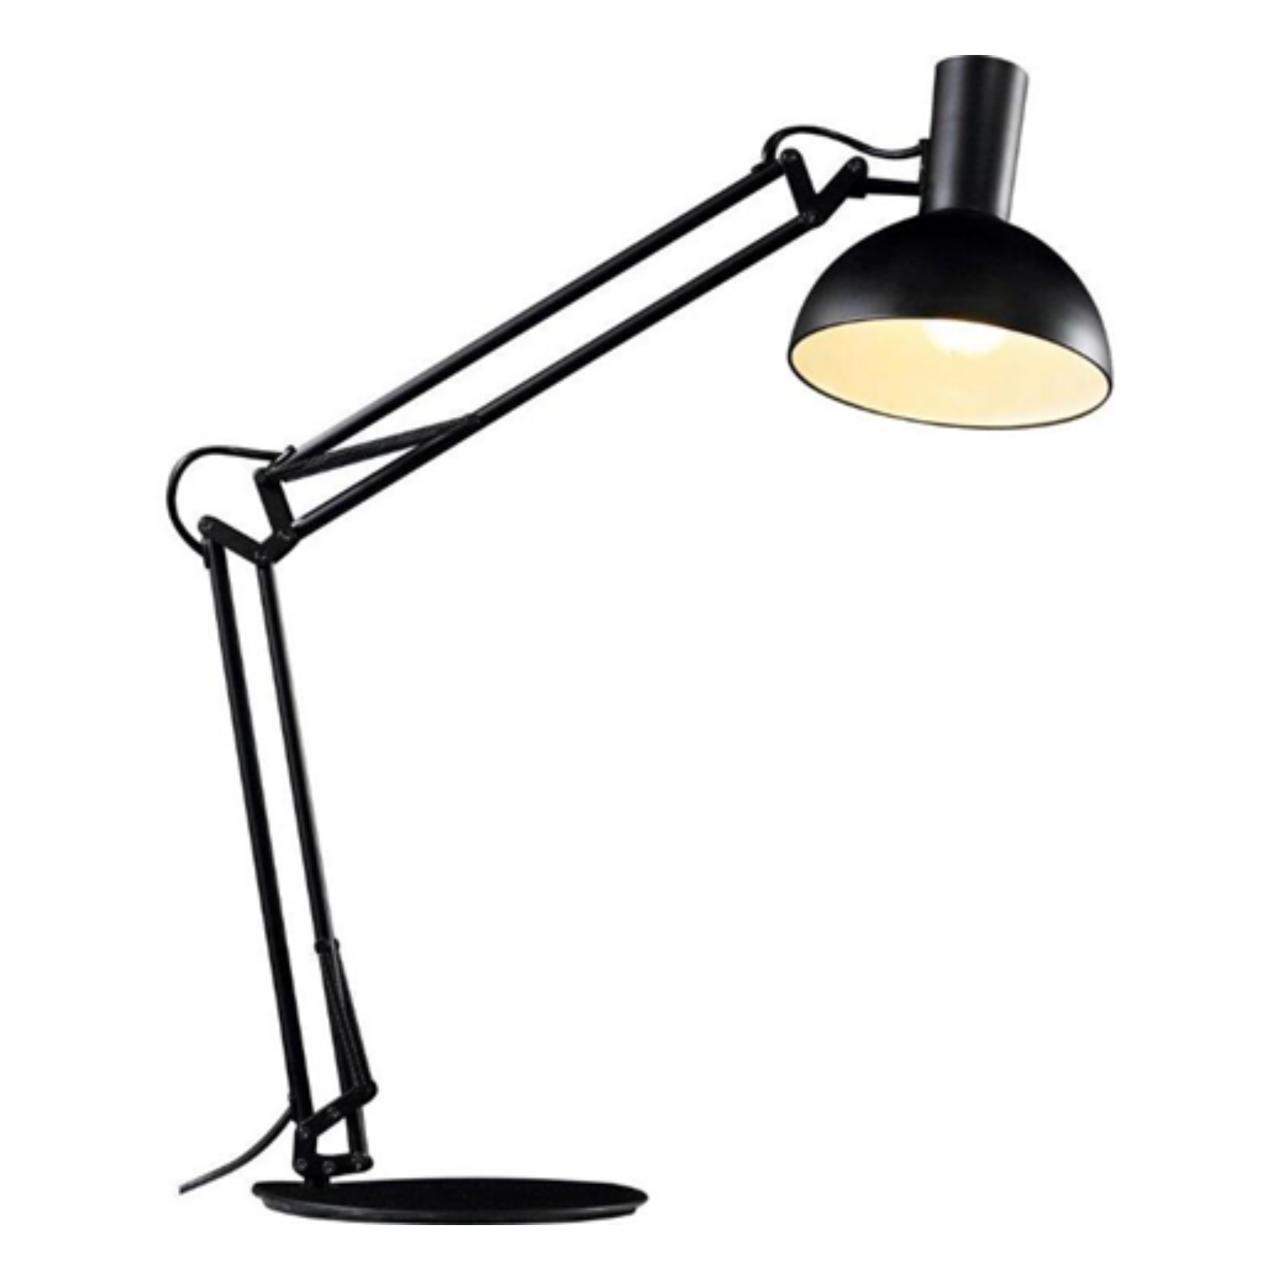 Tischlampe Martin - Klassische Tischlampe in skandinavischem Design